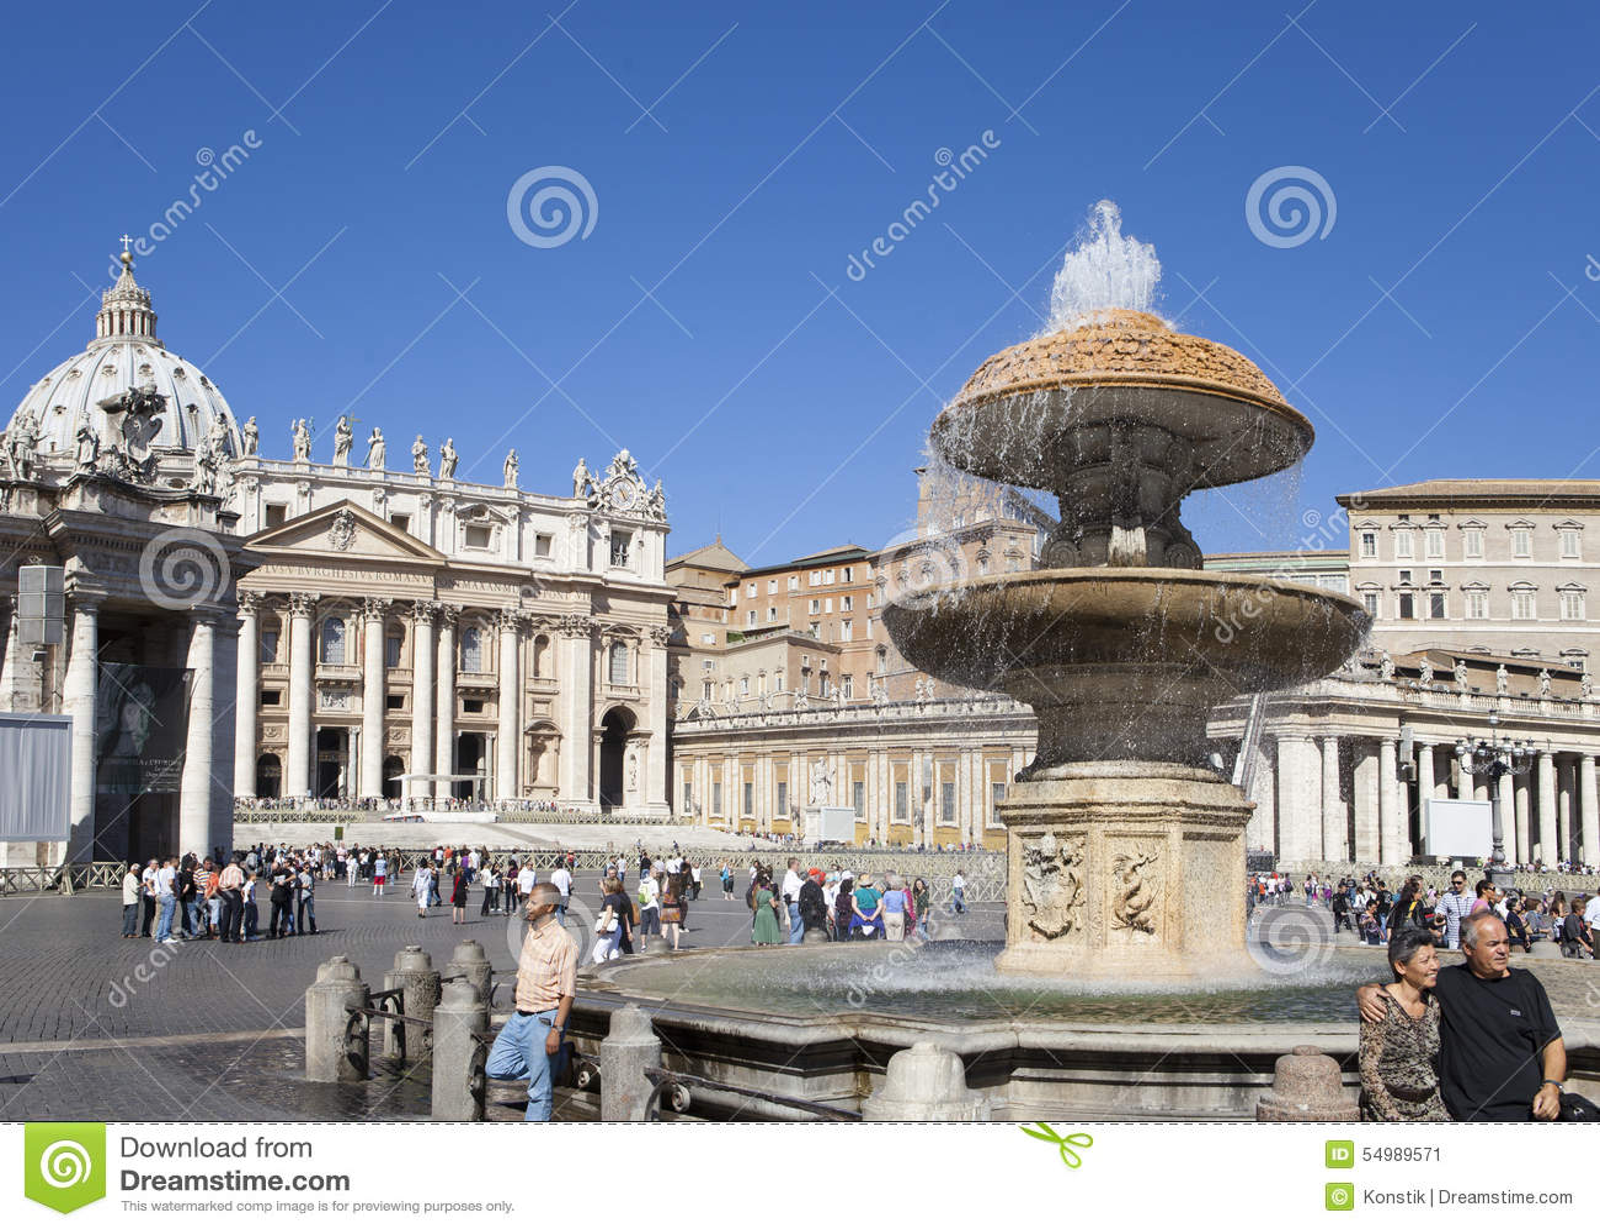 Uma multidão de turistas visita o quadrado antes da catedral de St Peter, Roma, Itália o 20 de setembro de 2010 no Vaticano, Roma